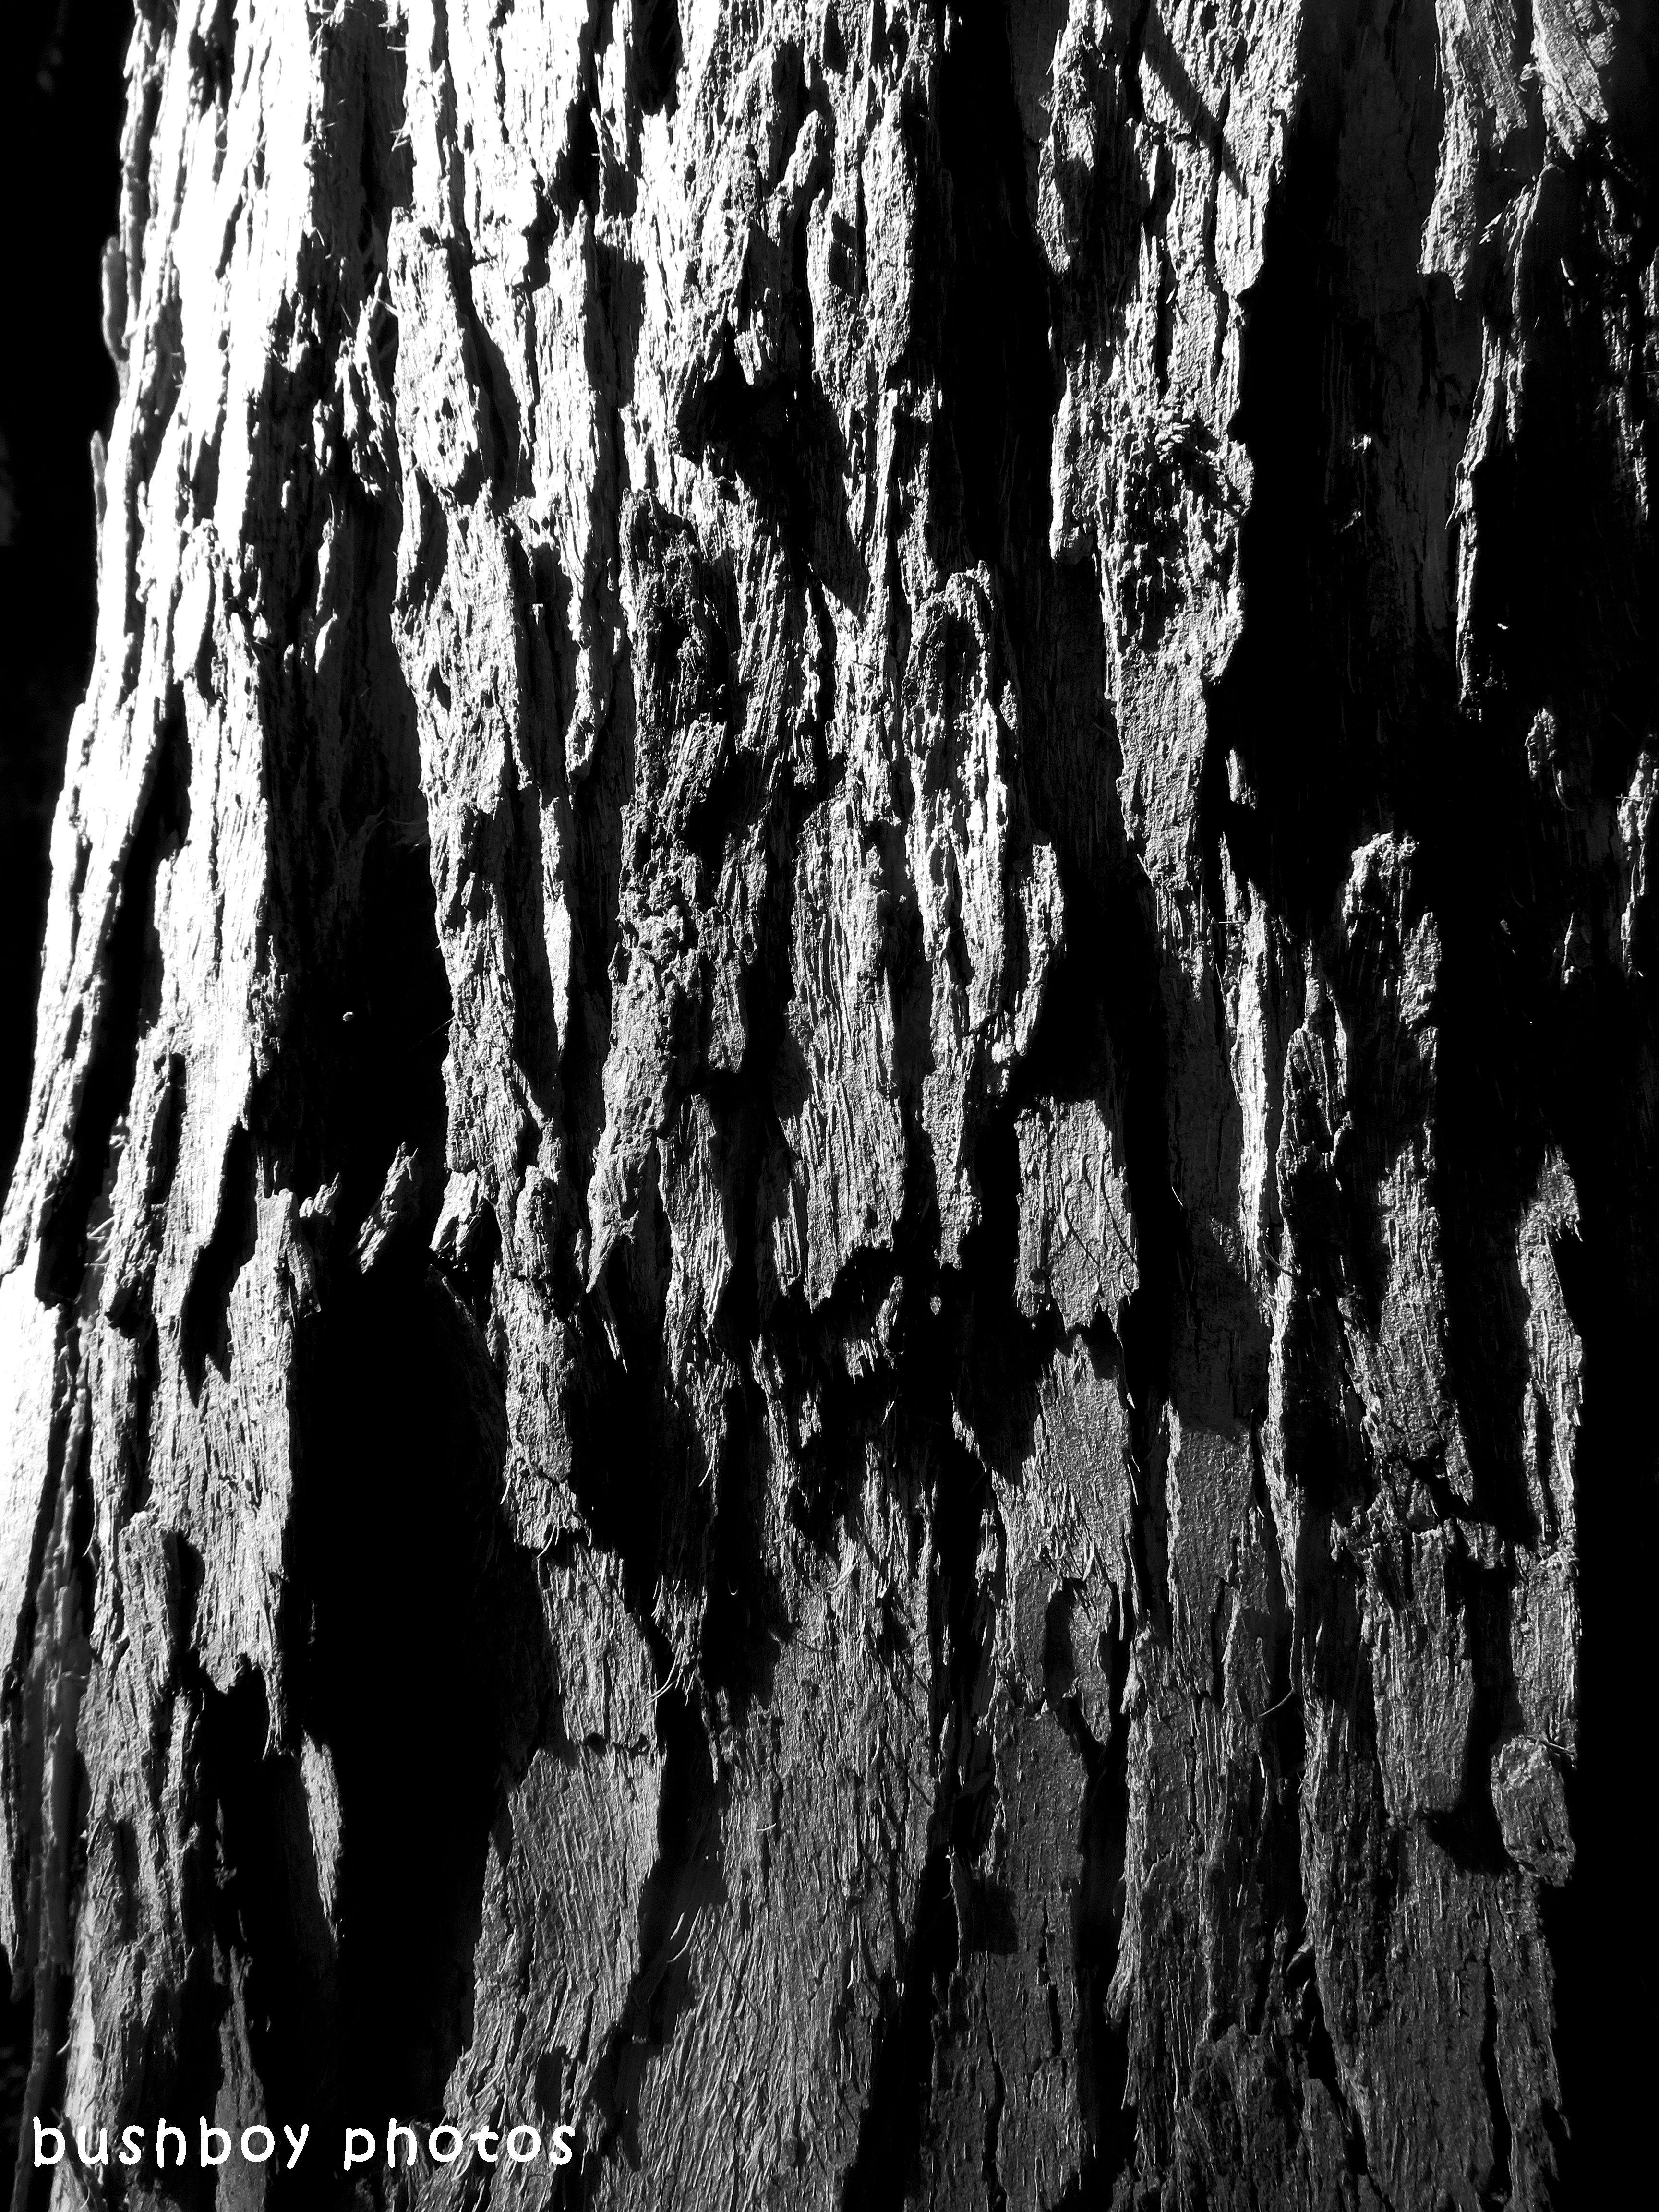 shape_texture_tree bark1_named_april 2018